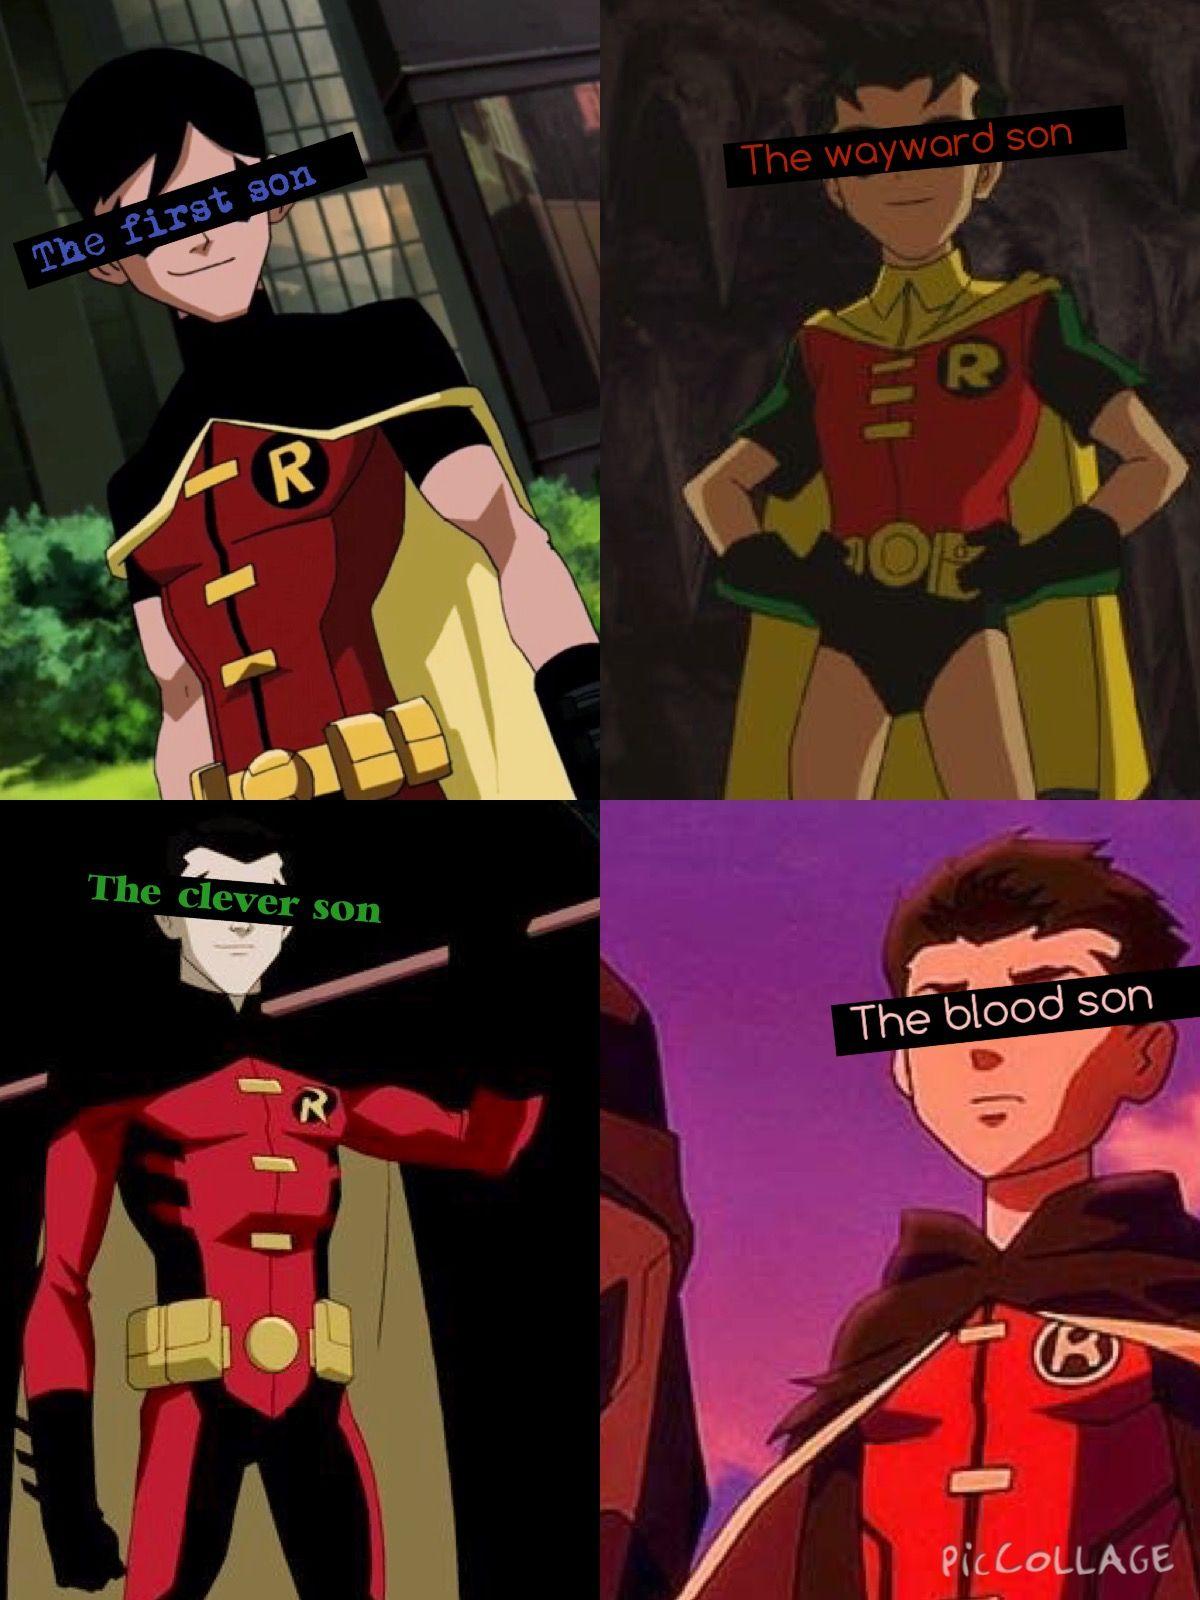 All Four Robins, Dick Grayson, Jason Todd, Tim Drake, And